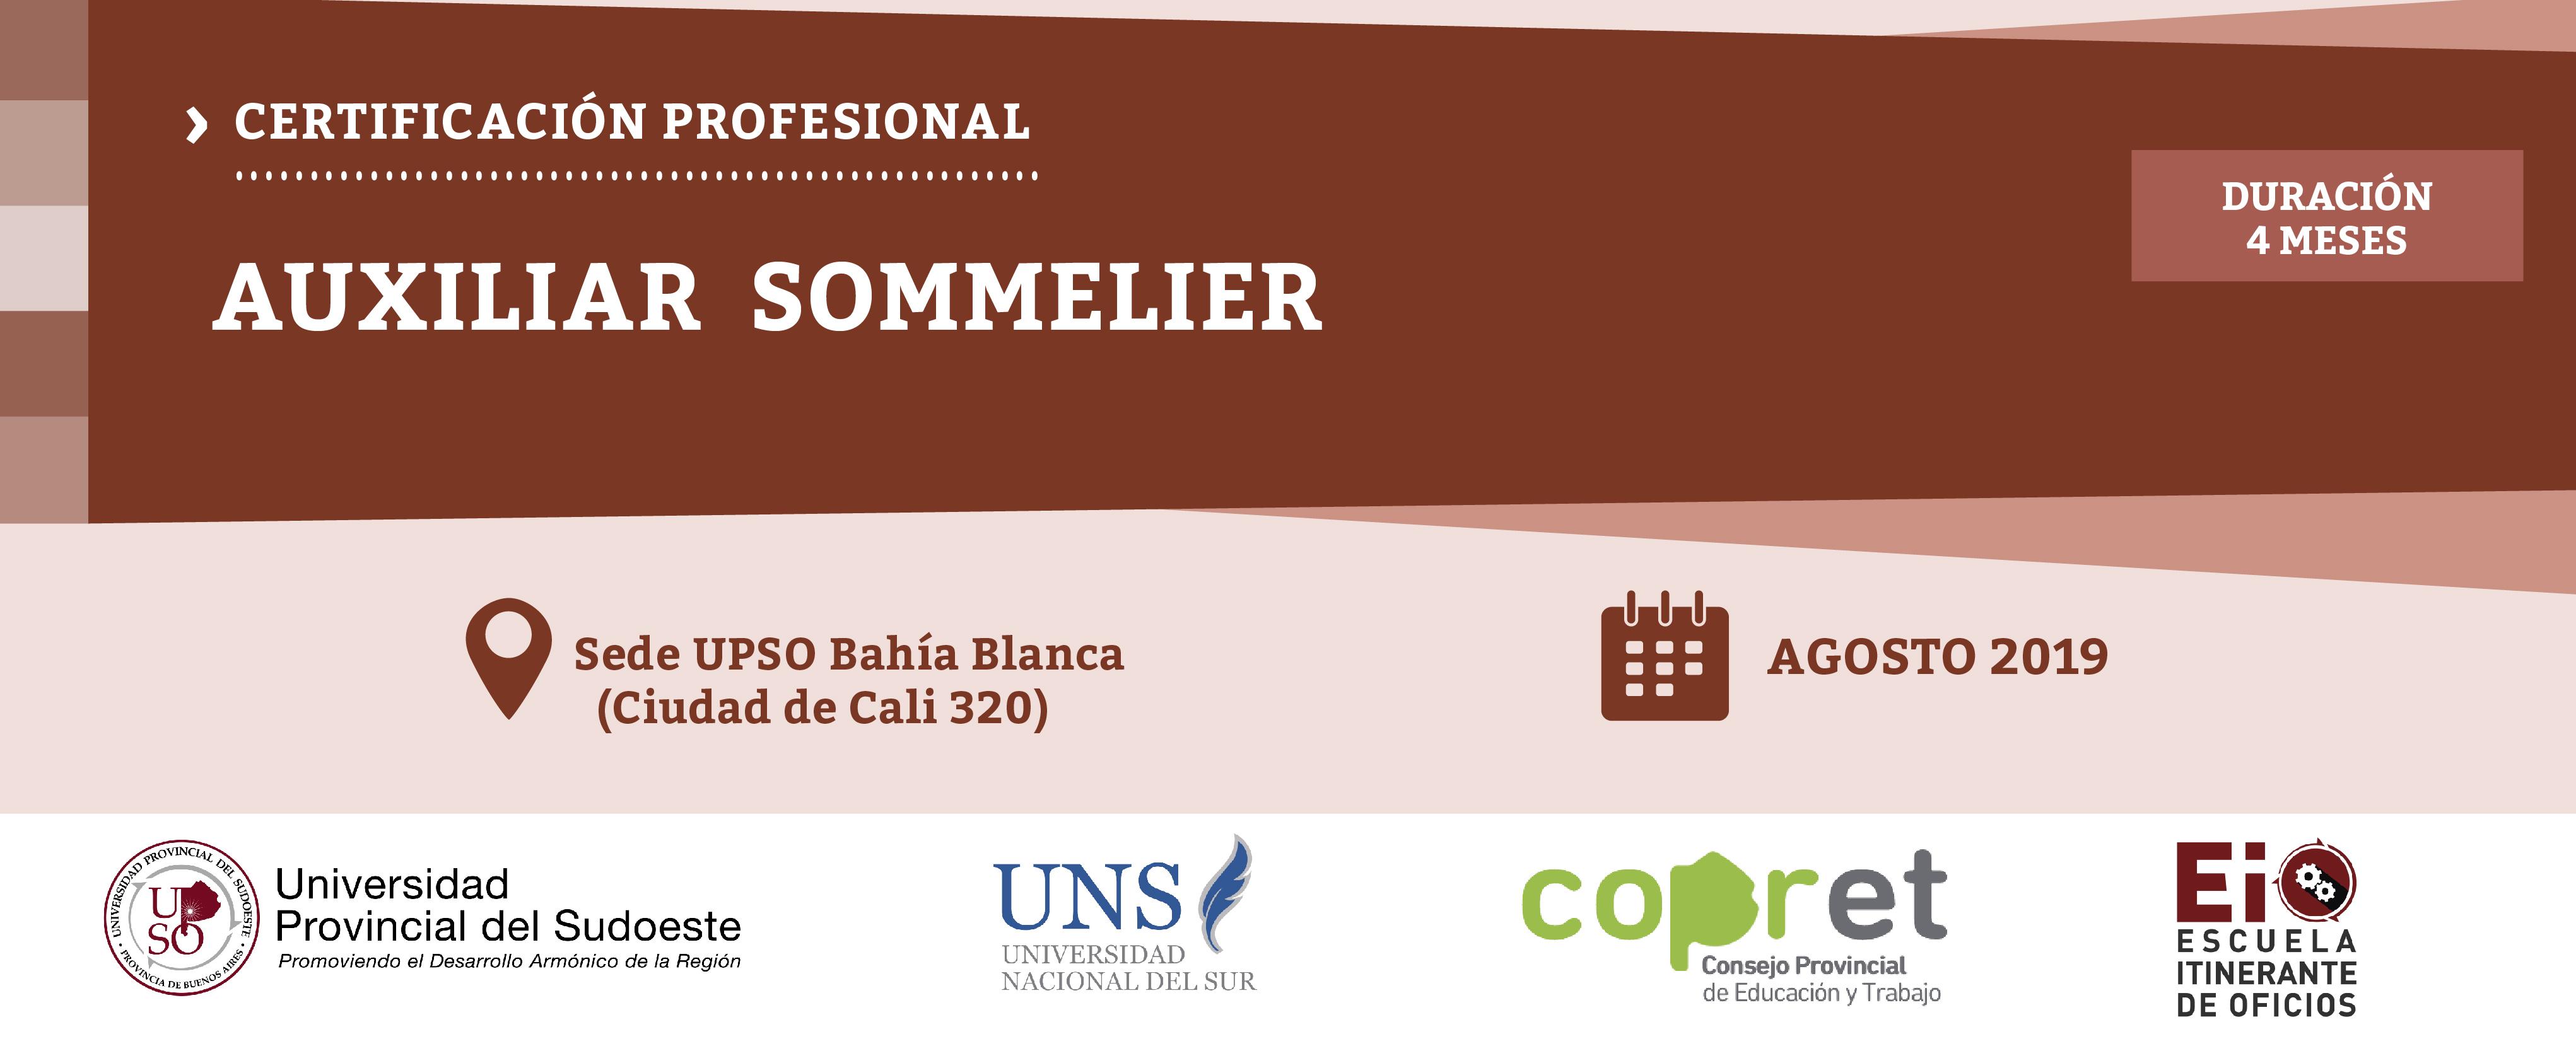 Capacitación Profesional: Auxiliar de Sommelier